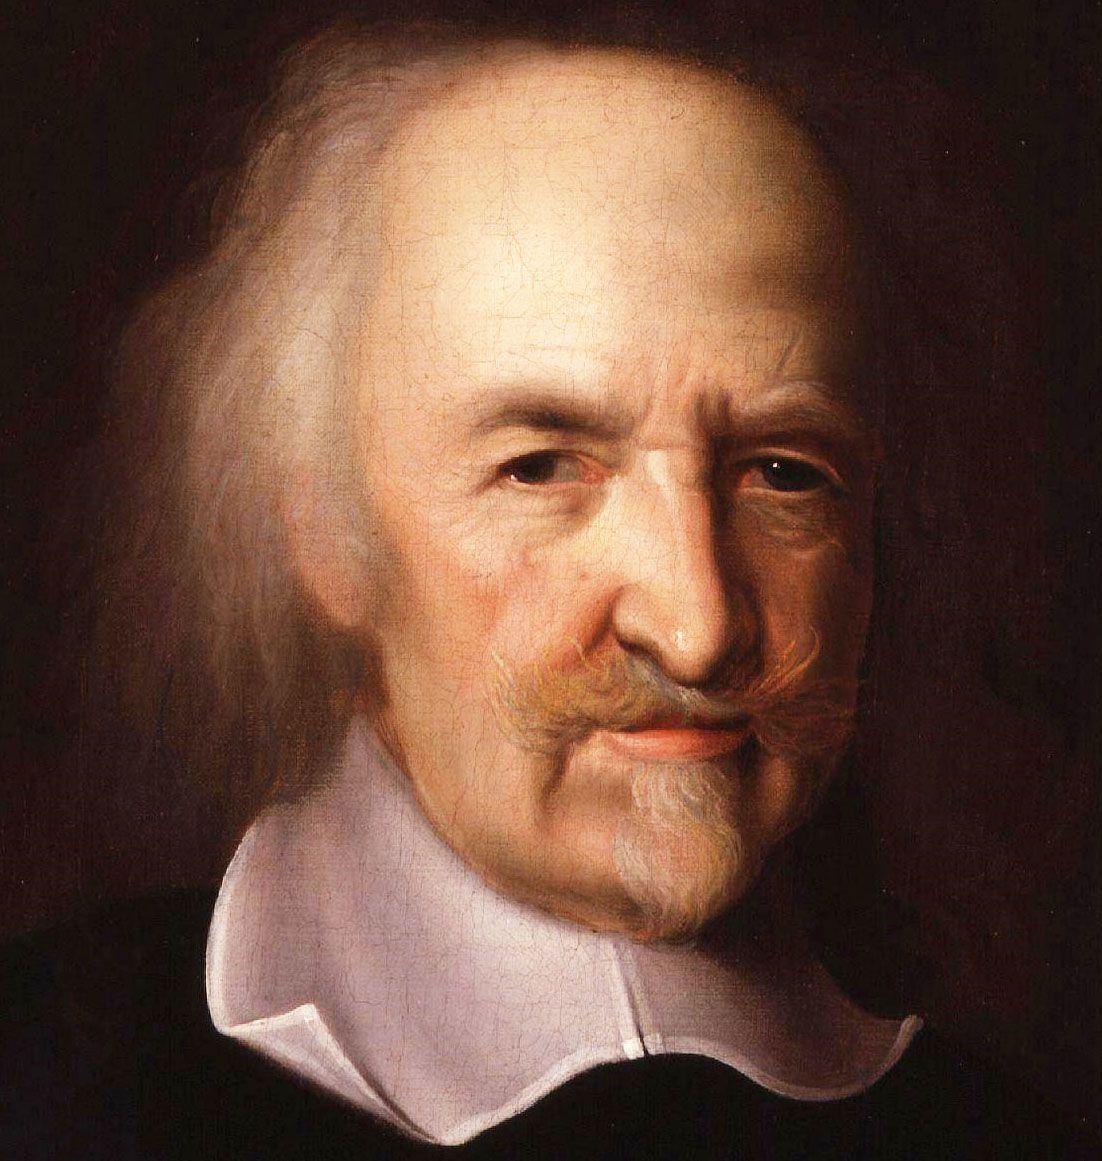 Thomas Hobbes Filosofo Ingles Cuya Obra